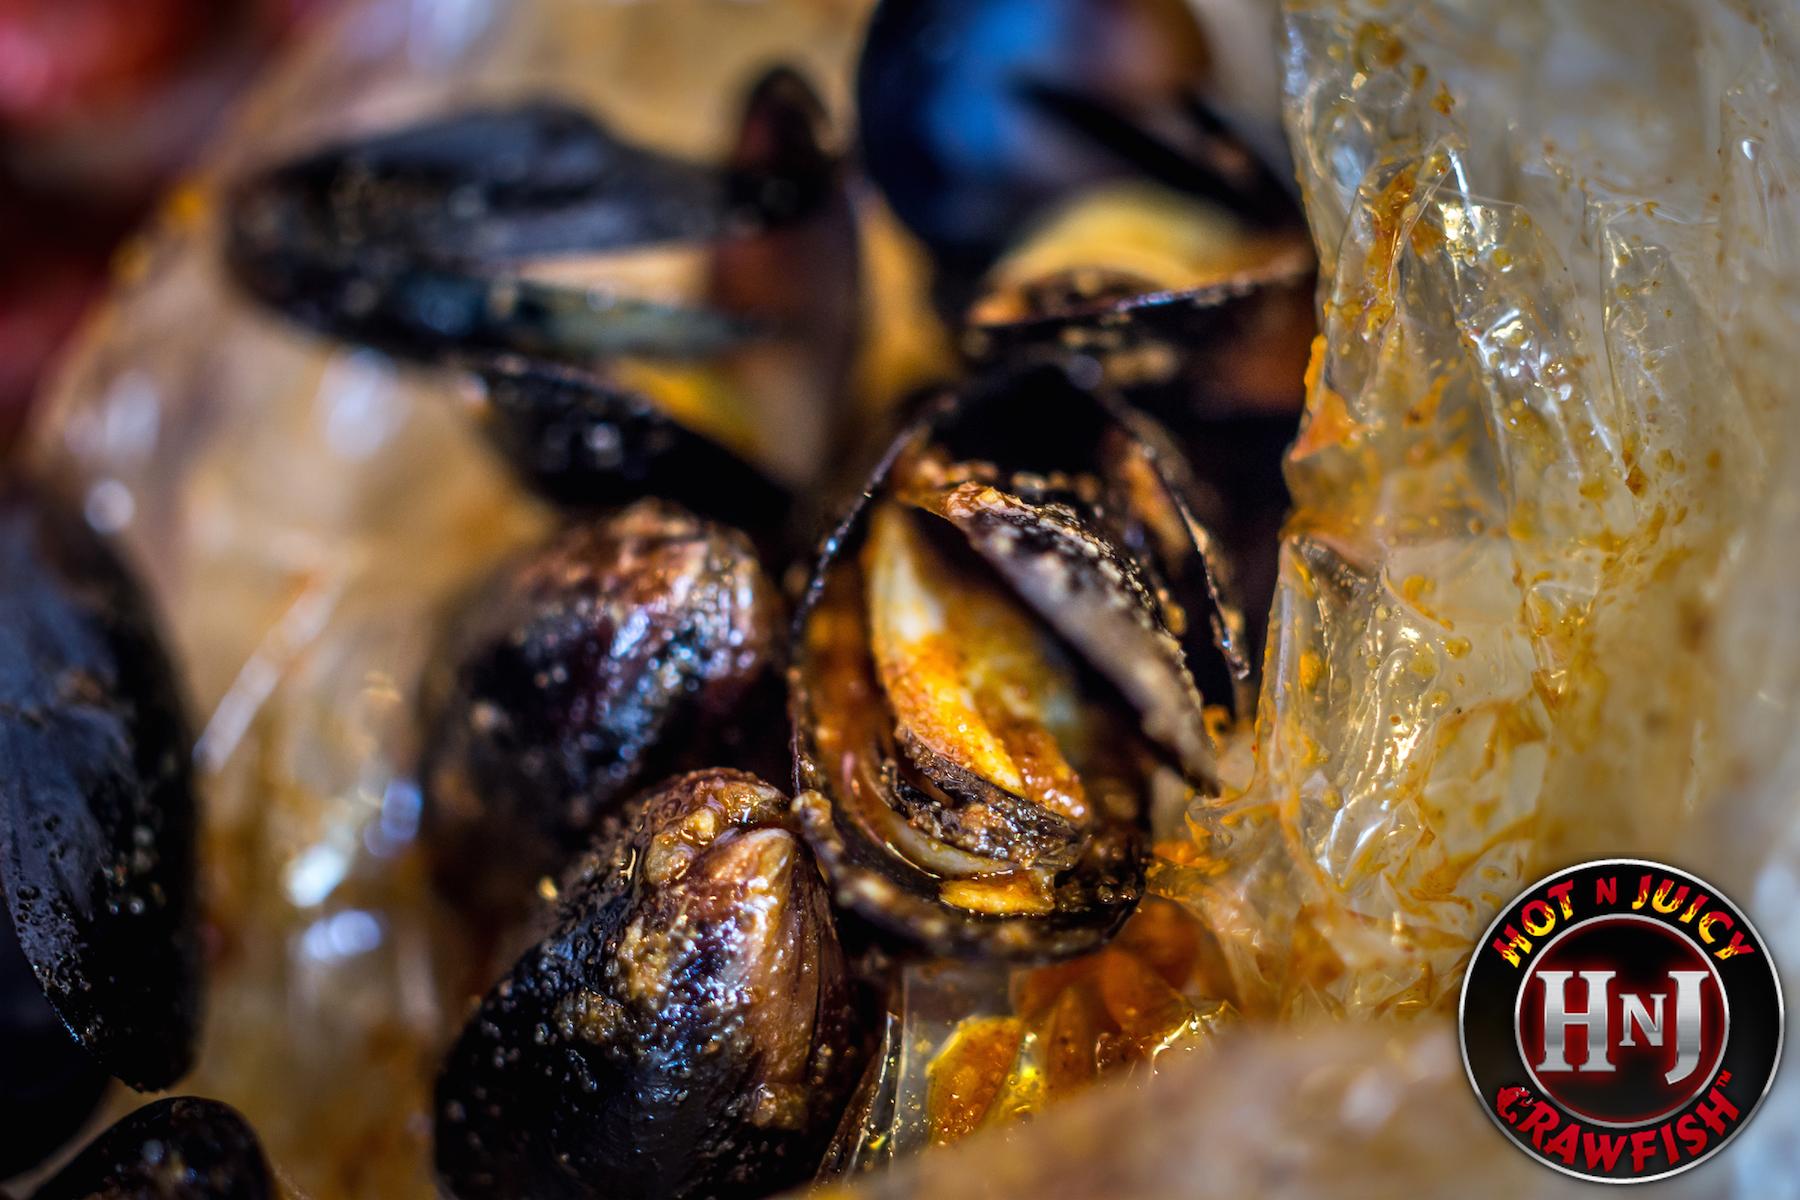 By The Pound Hot N Juicy Crawfish Menu